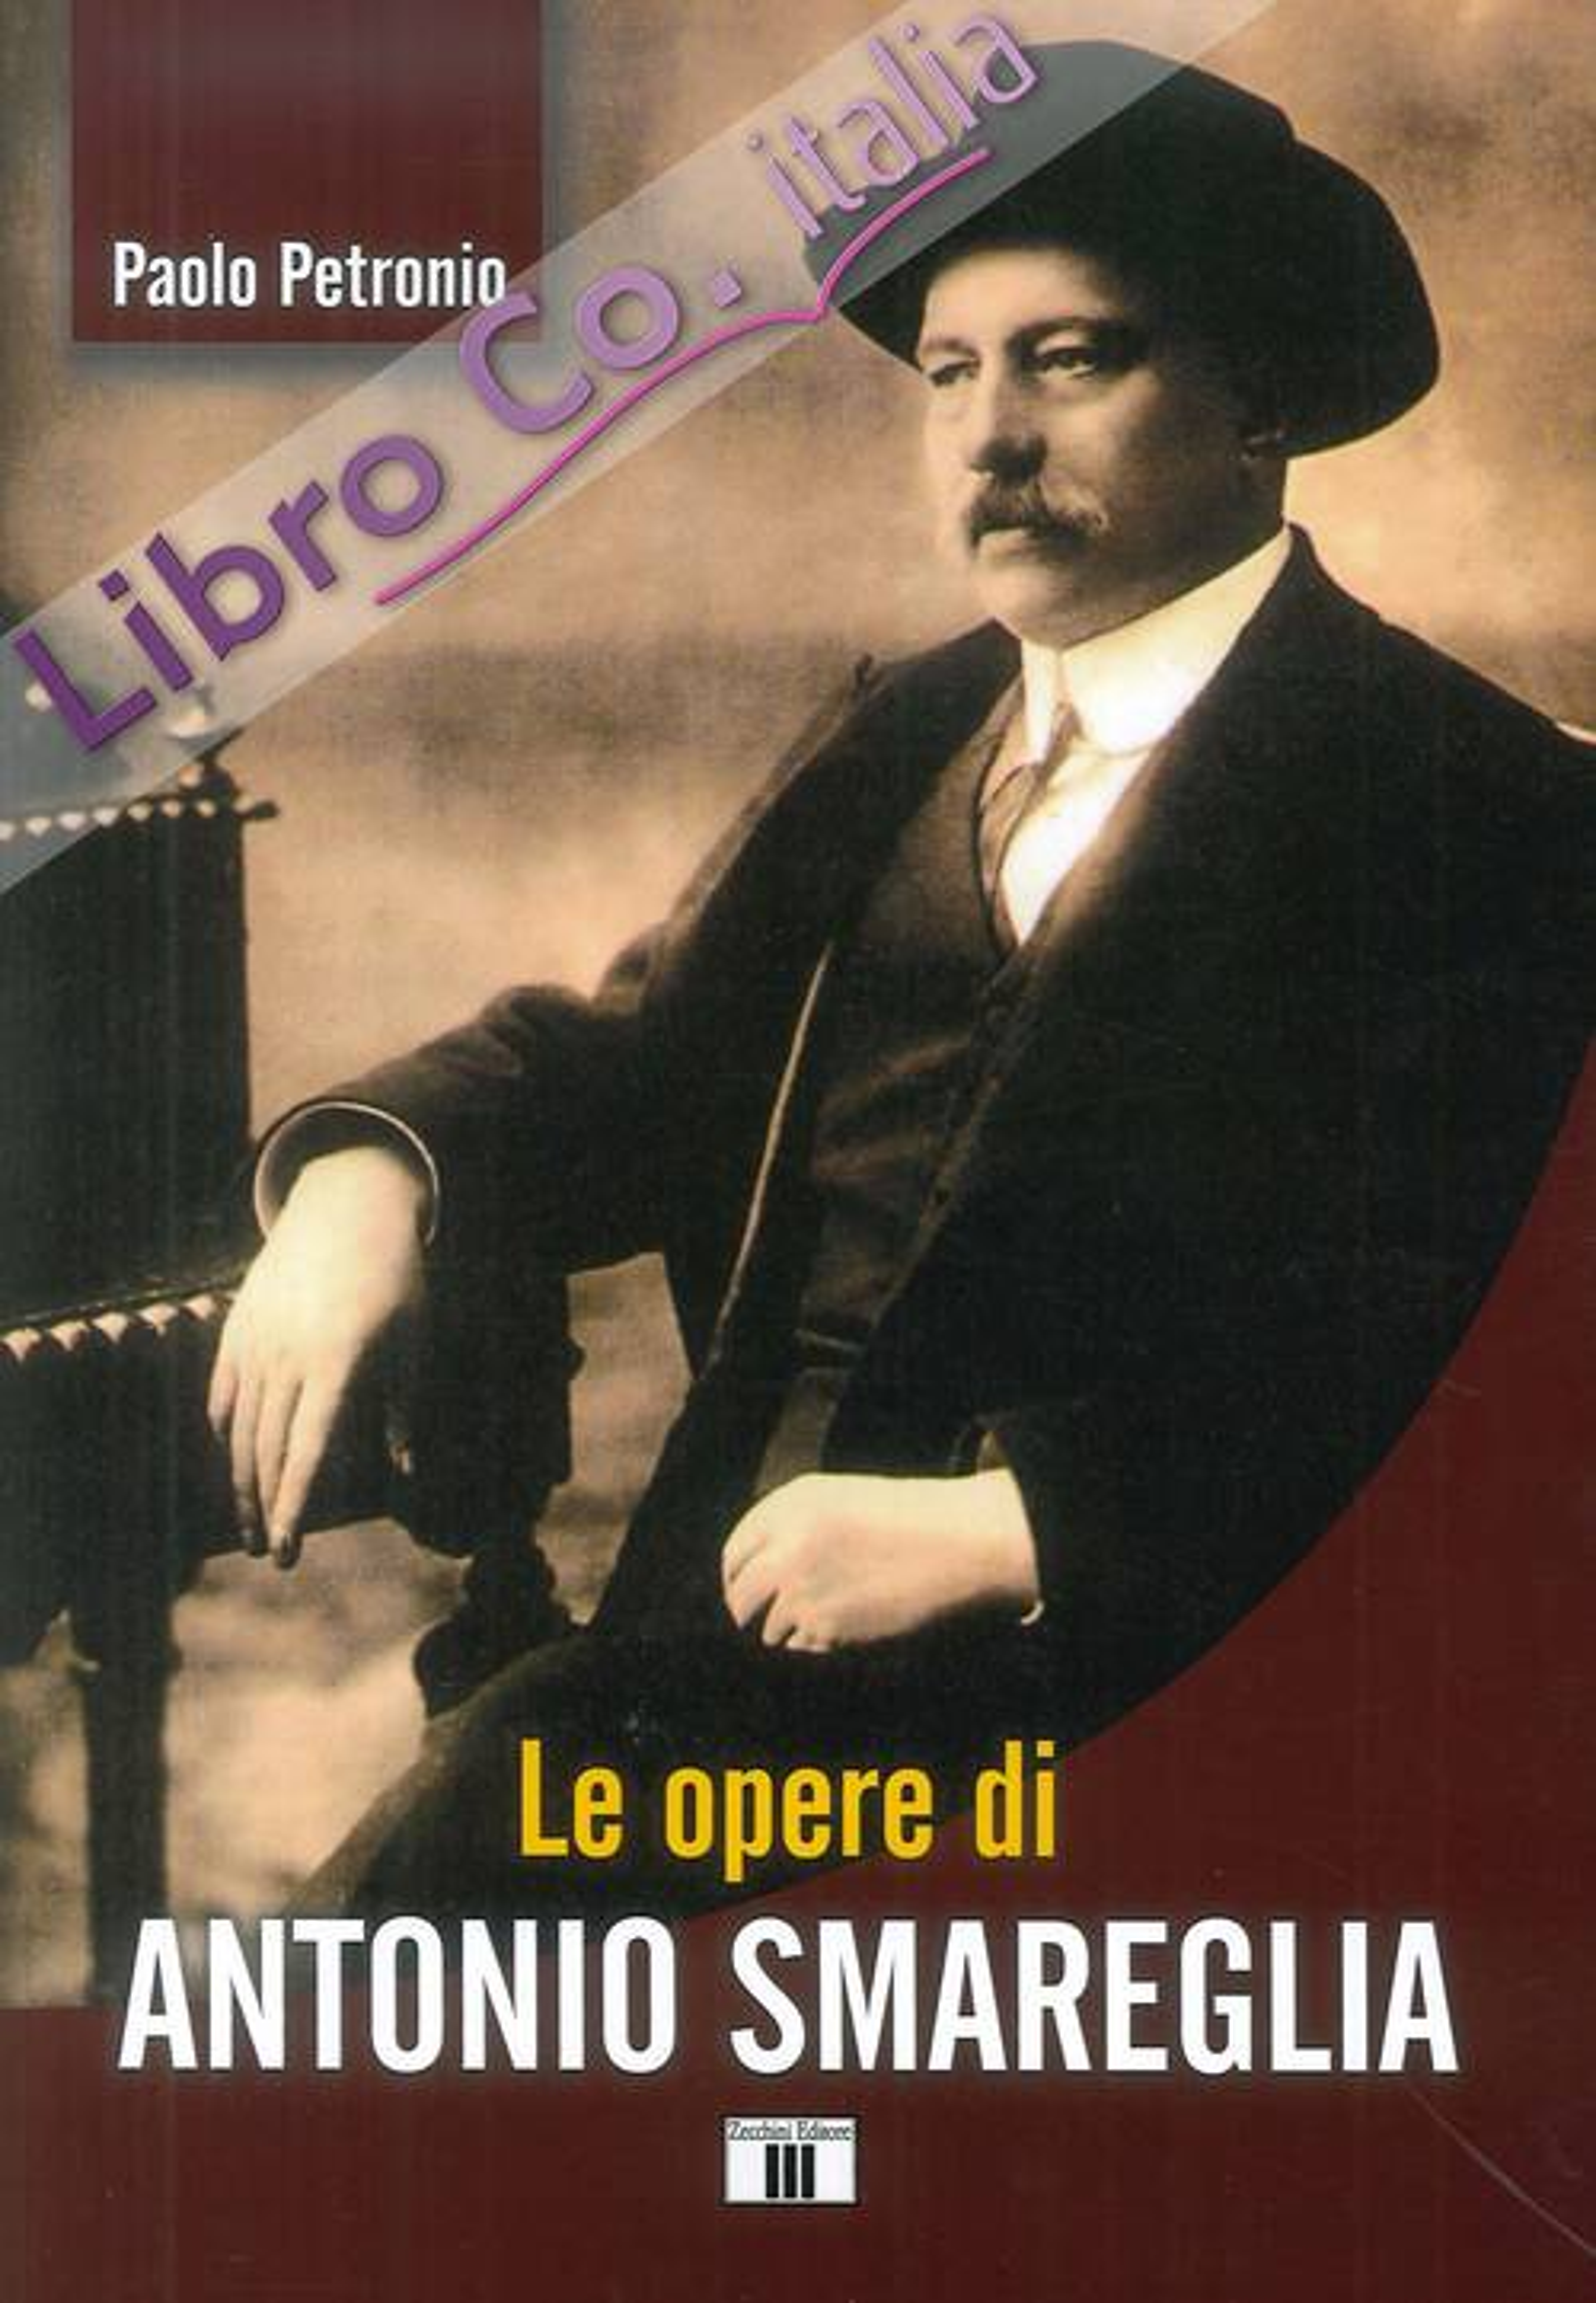 Le opere di Antonio Smareglia